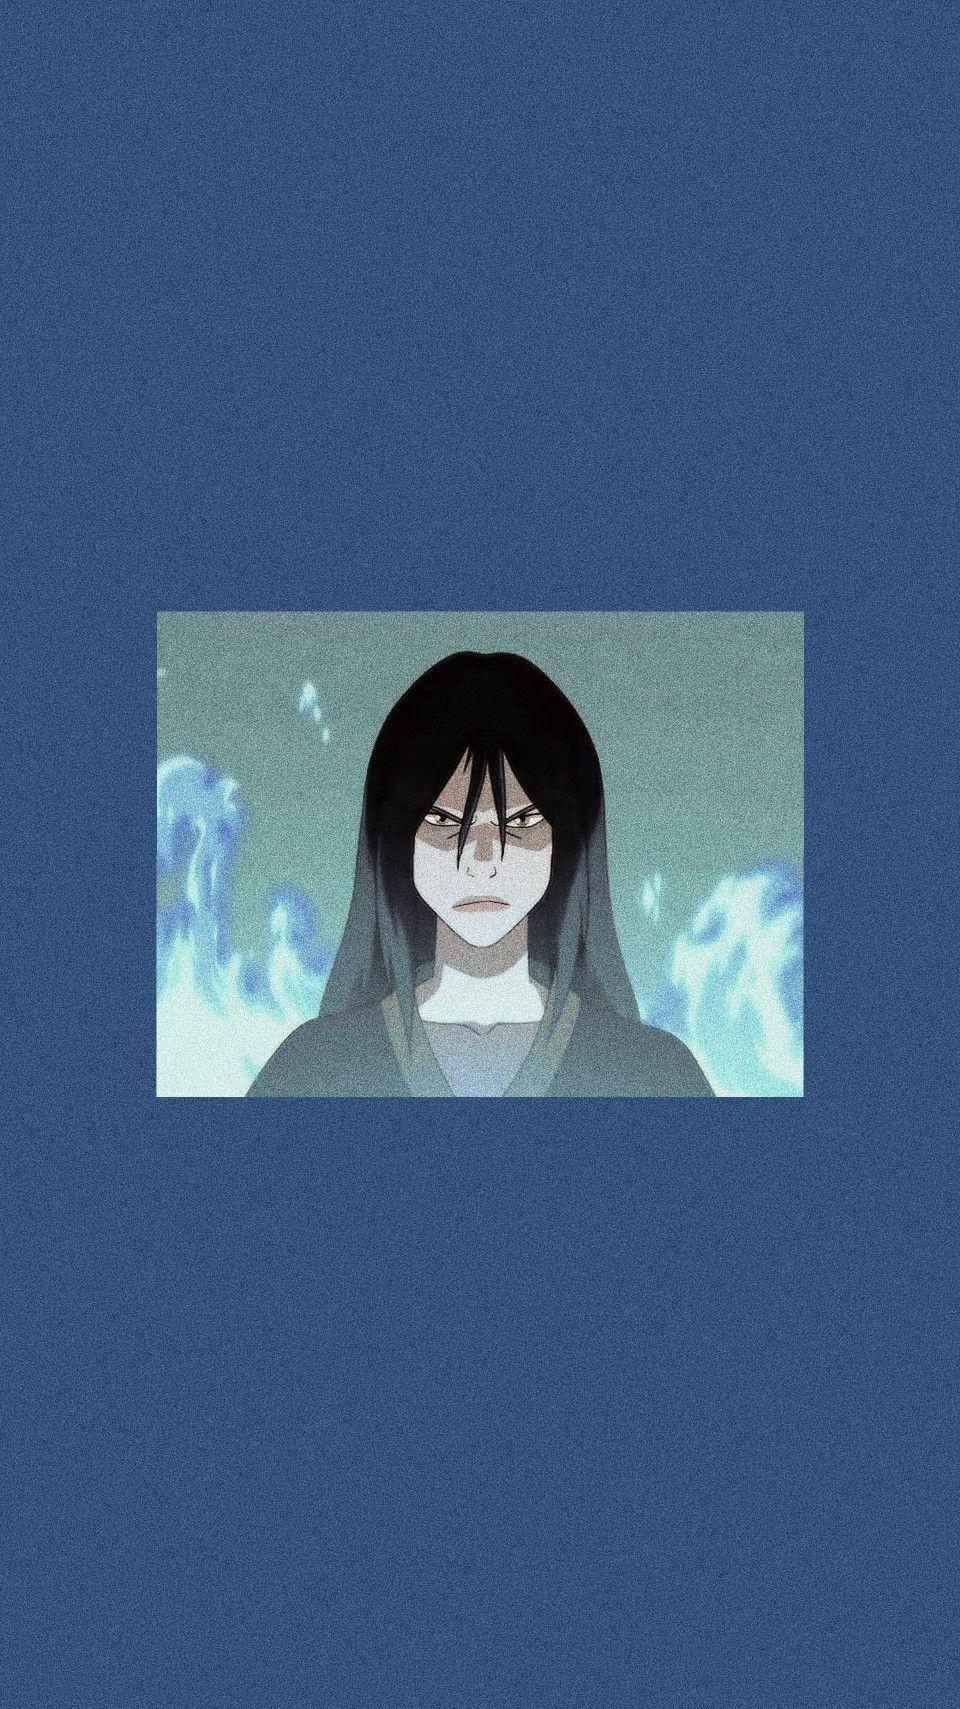 Pin On Beautiful Anime Girl